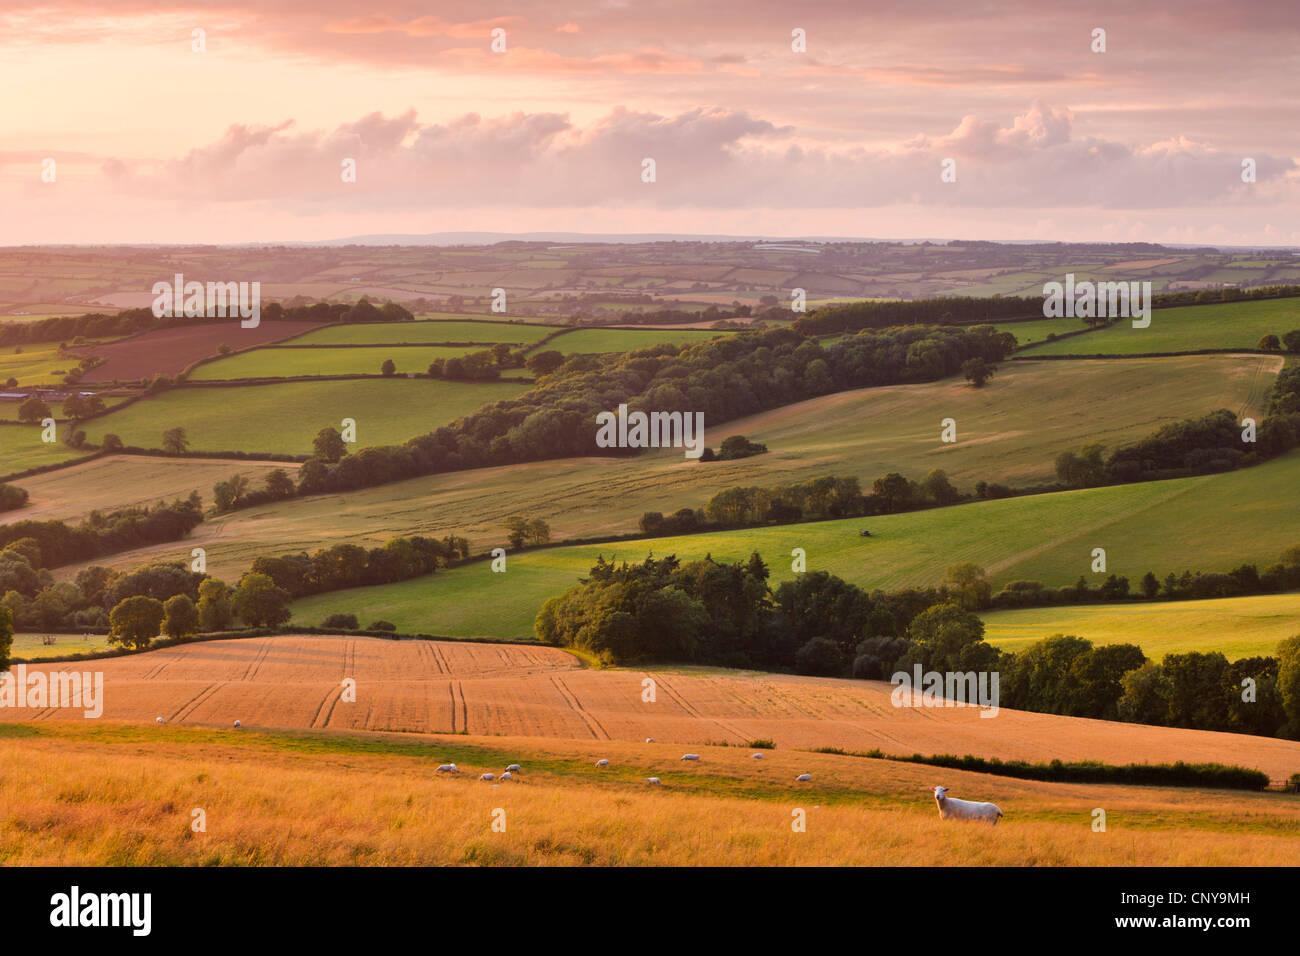 Moutons et champs de culture près de Stockleigh Pomeroy, Mid Devon, Angleterre. L'été (juillet) 2009 Banque D'Images